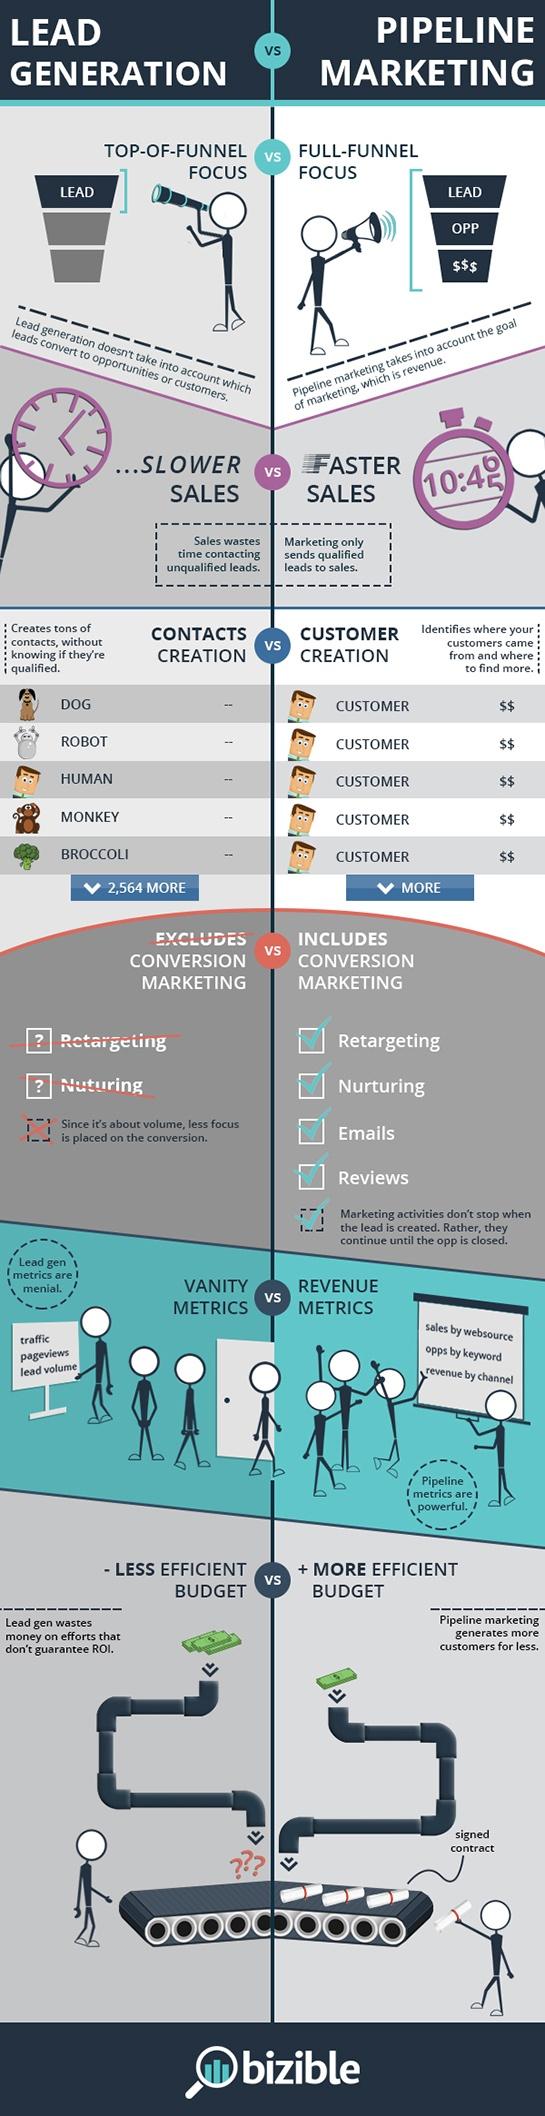 Esta es la diferencia entre lead generation y embudo de marketing